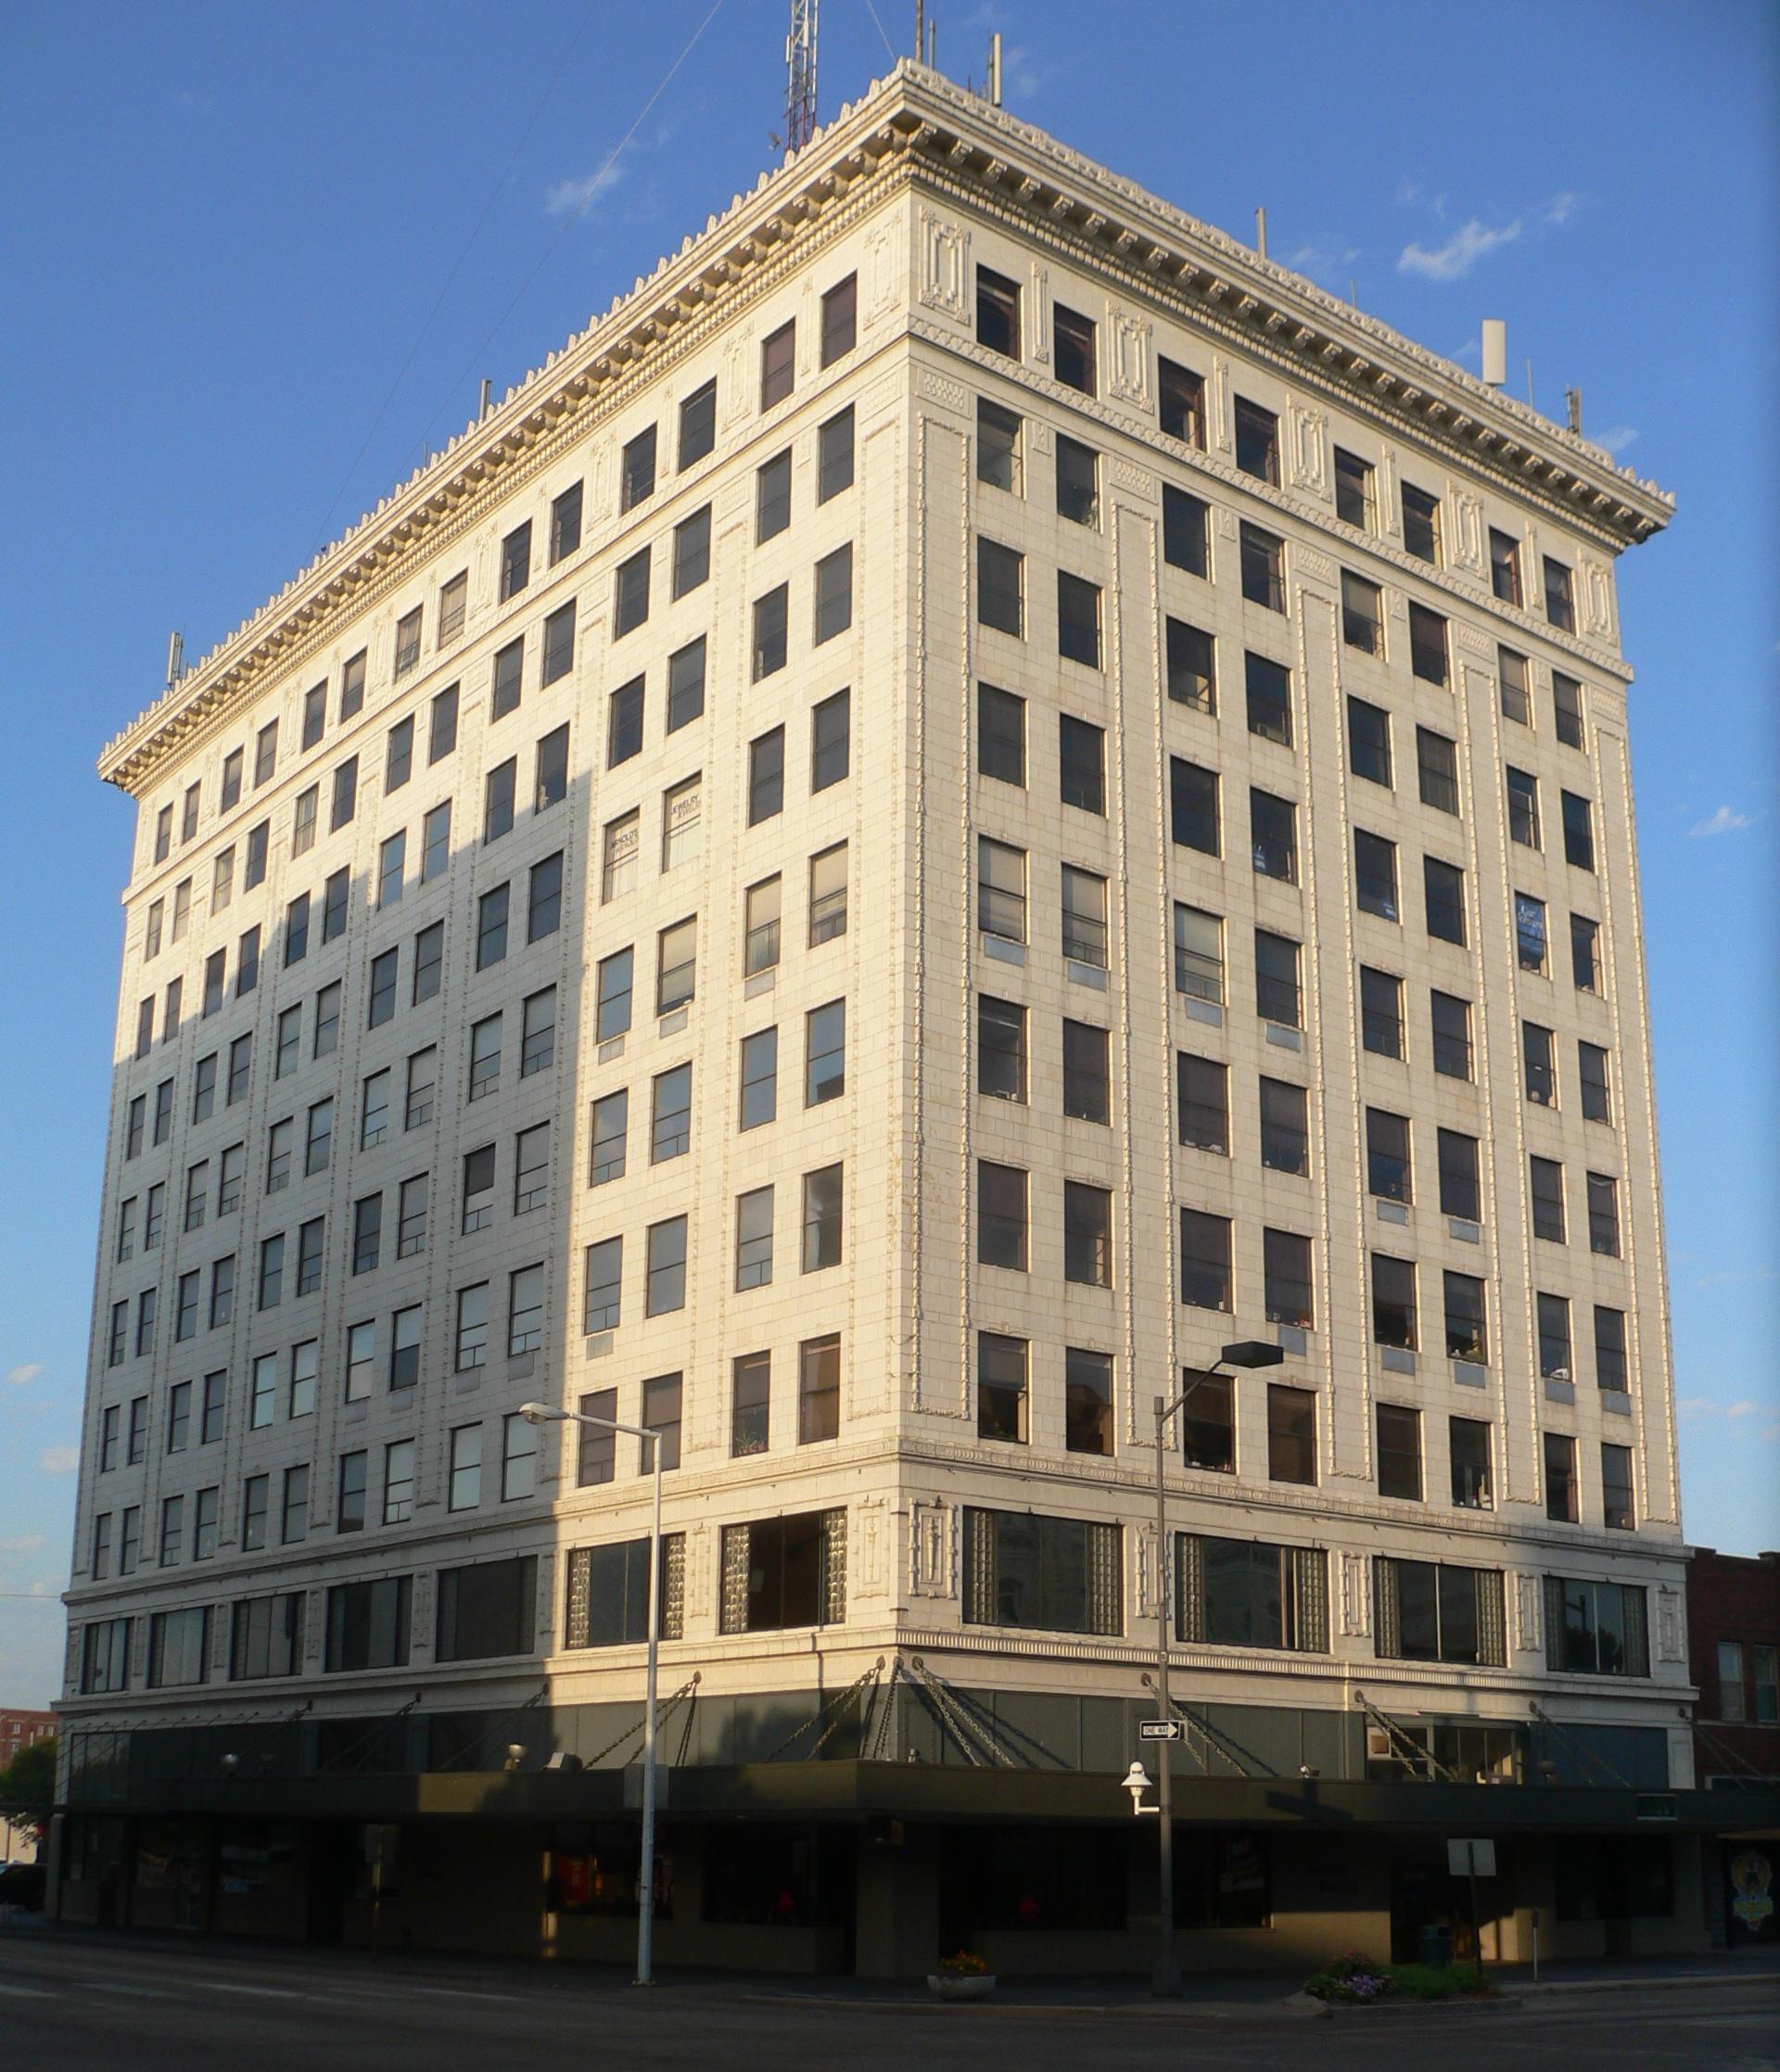 Lincoln Ne Apartments: File:Terminal Building (Lincoln, Nebraska) From NE 1.JPG